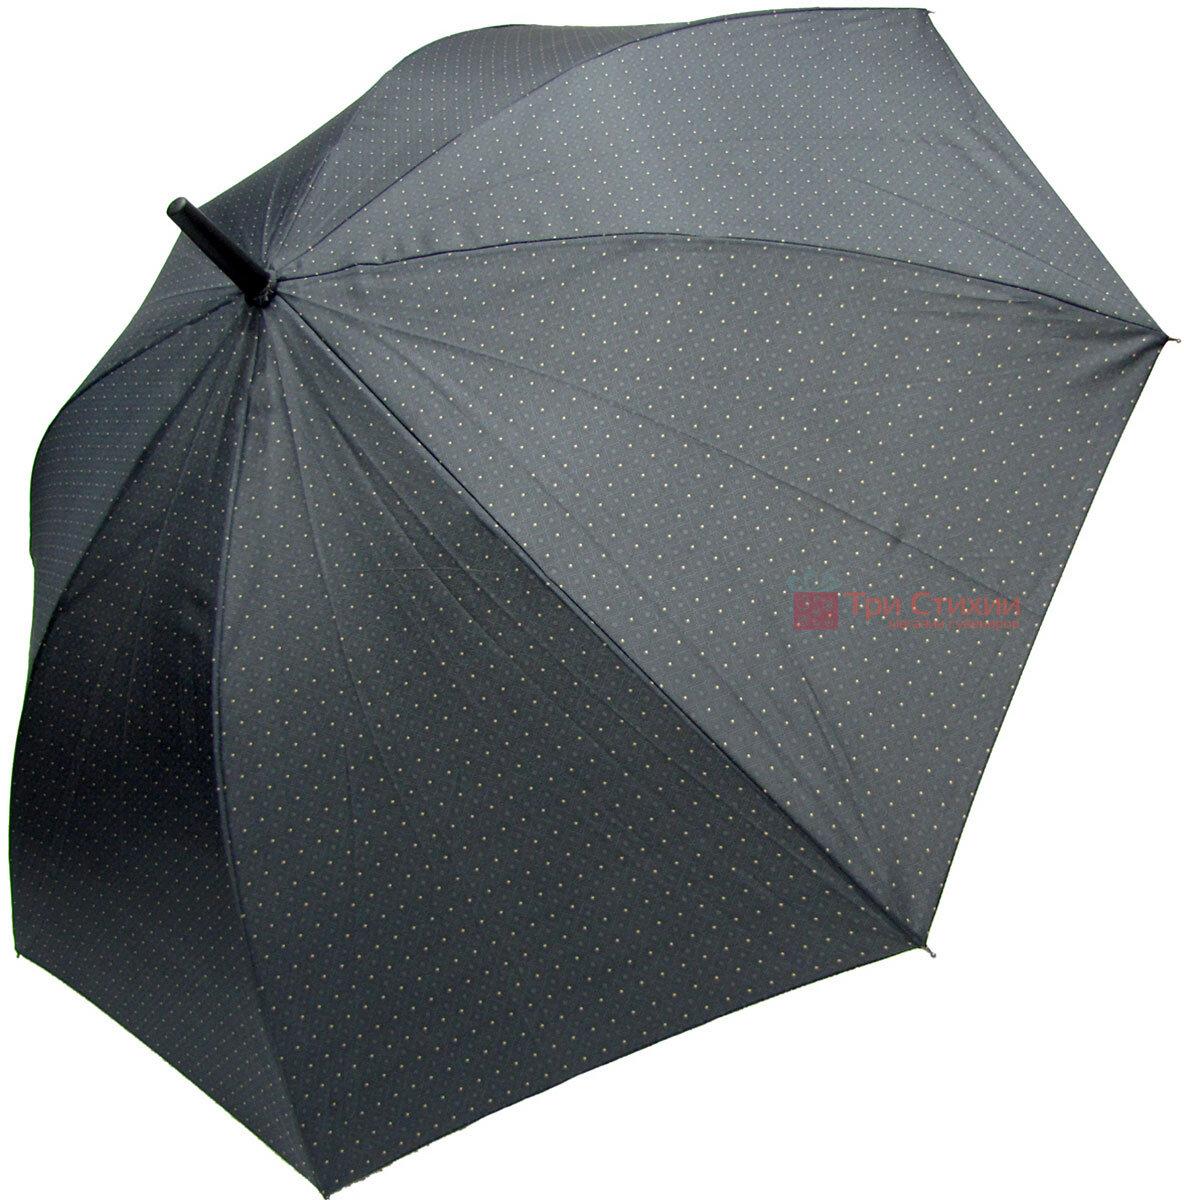 Зонт-трость Derby 77167P-1 полуавтомат Серый в ромбы, фото